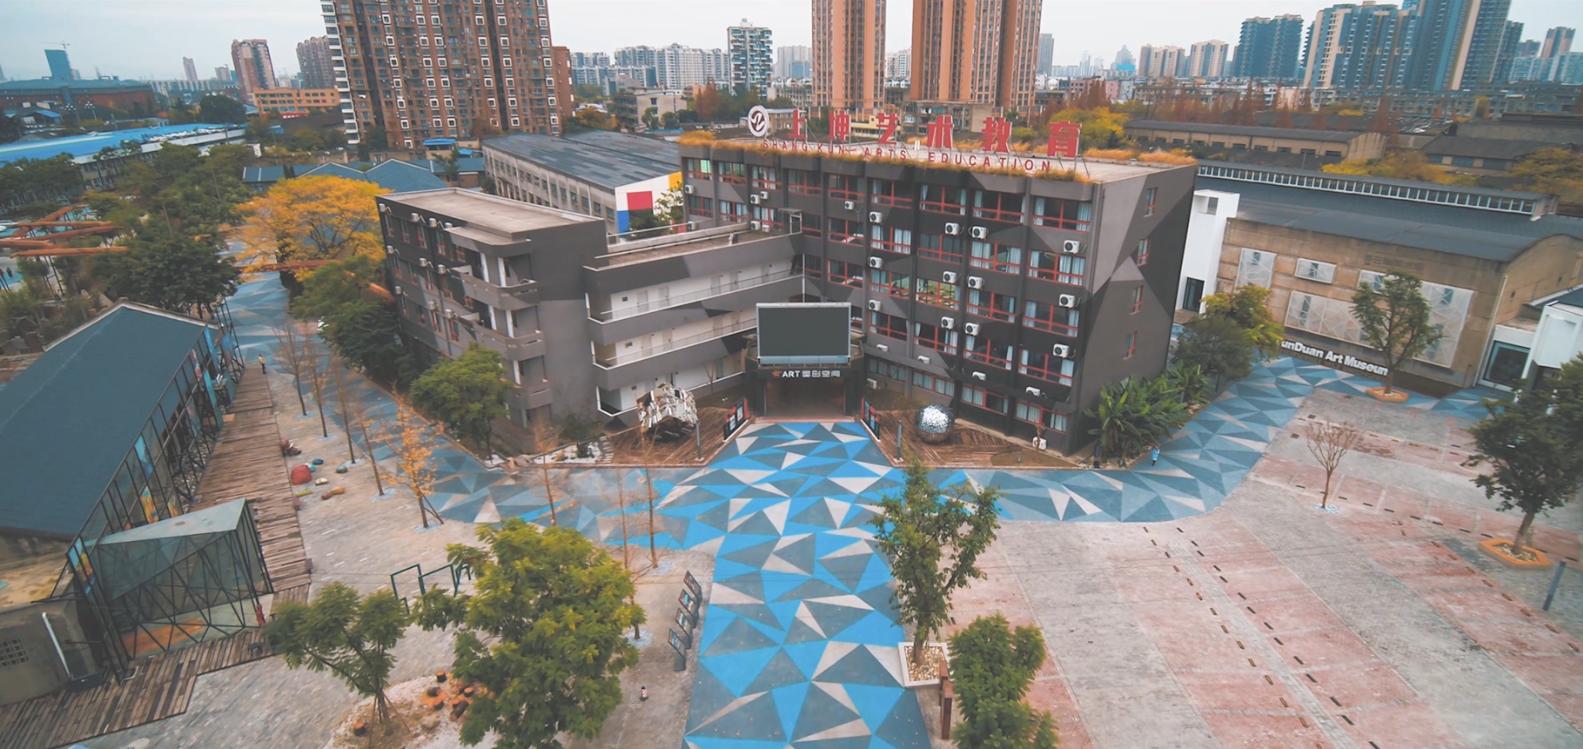 香城國際藝術港改造后航拍